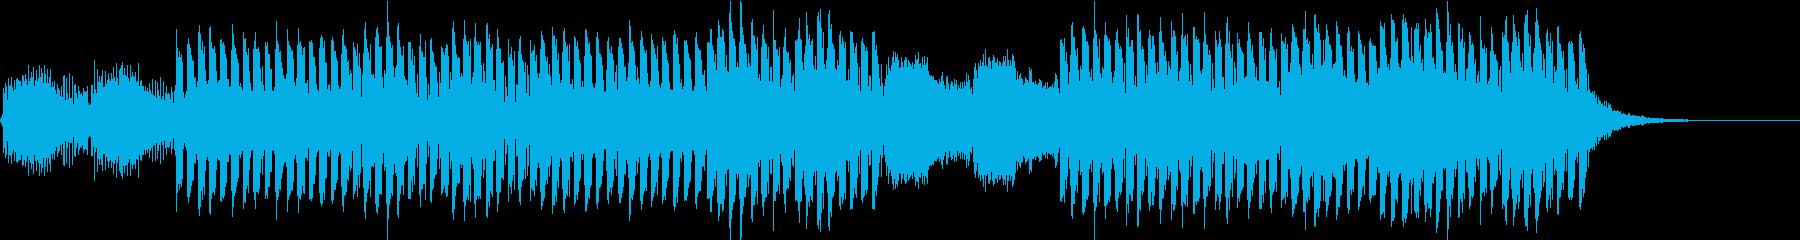 おしゃれかっこいいEDMジングル4の再生済みの波形